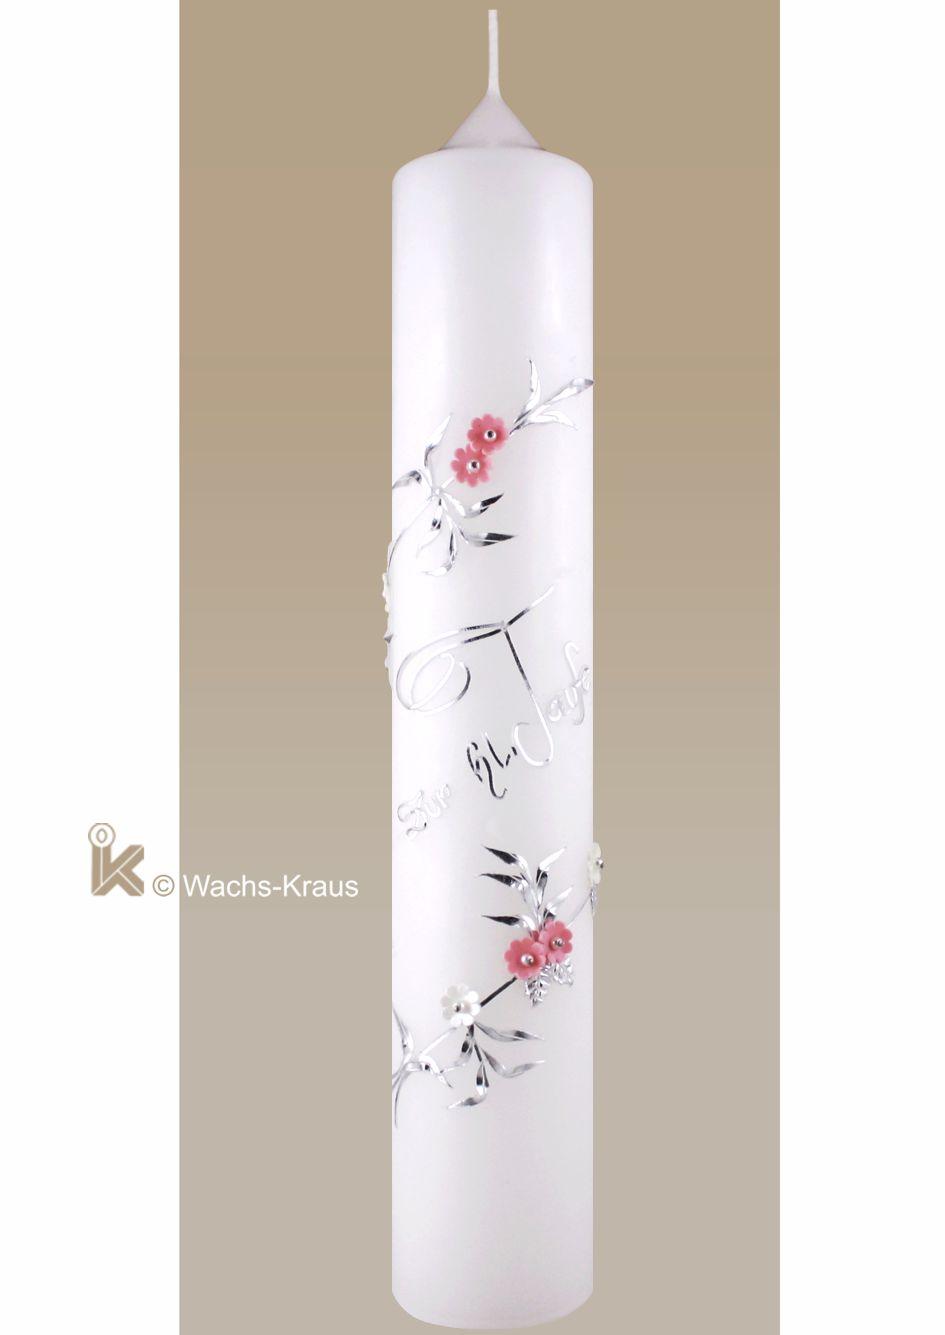 Sehr feine mit viel handwerklichem Können verzierte Taufkerze für Mädchen. Unten und oben umlaufend eine Ranke mit Blüten, Schrift: zur hl. Taufe